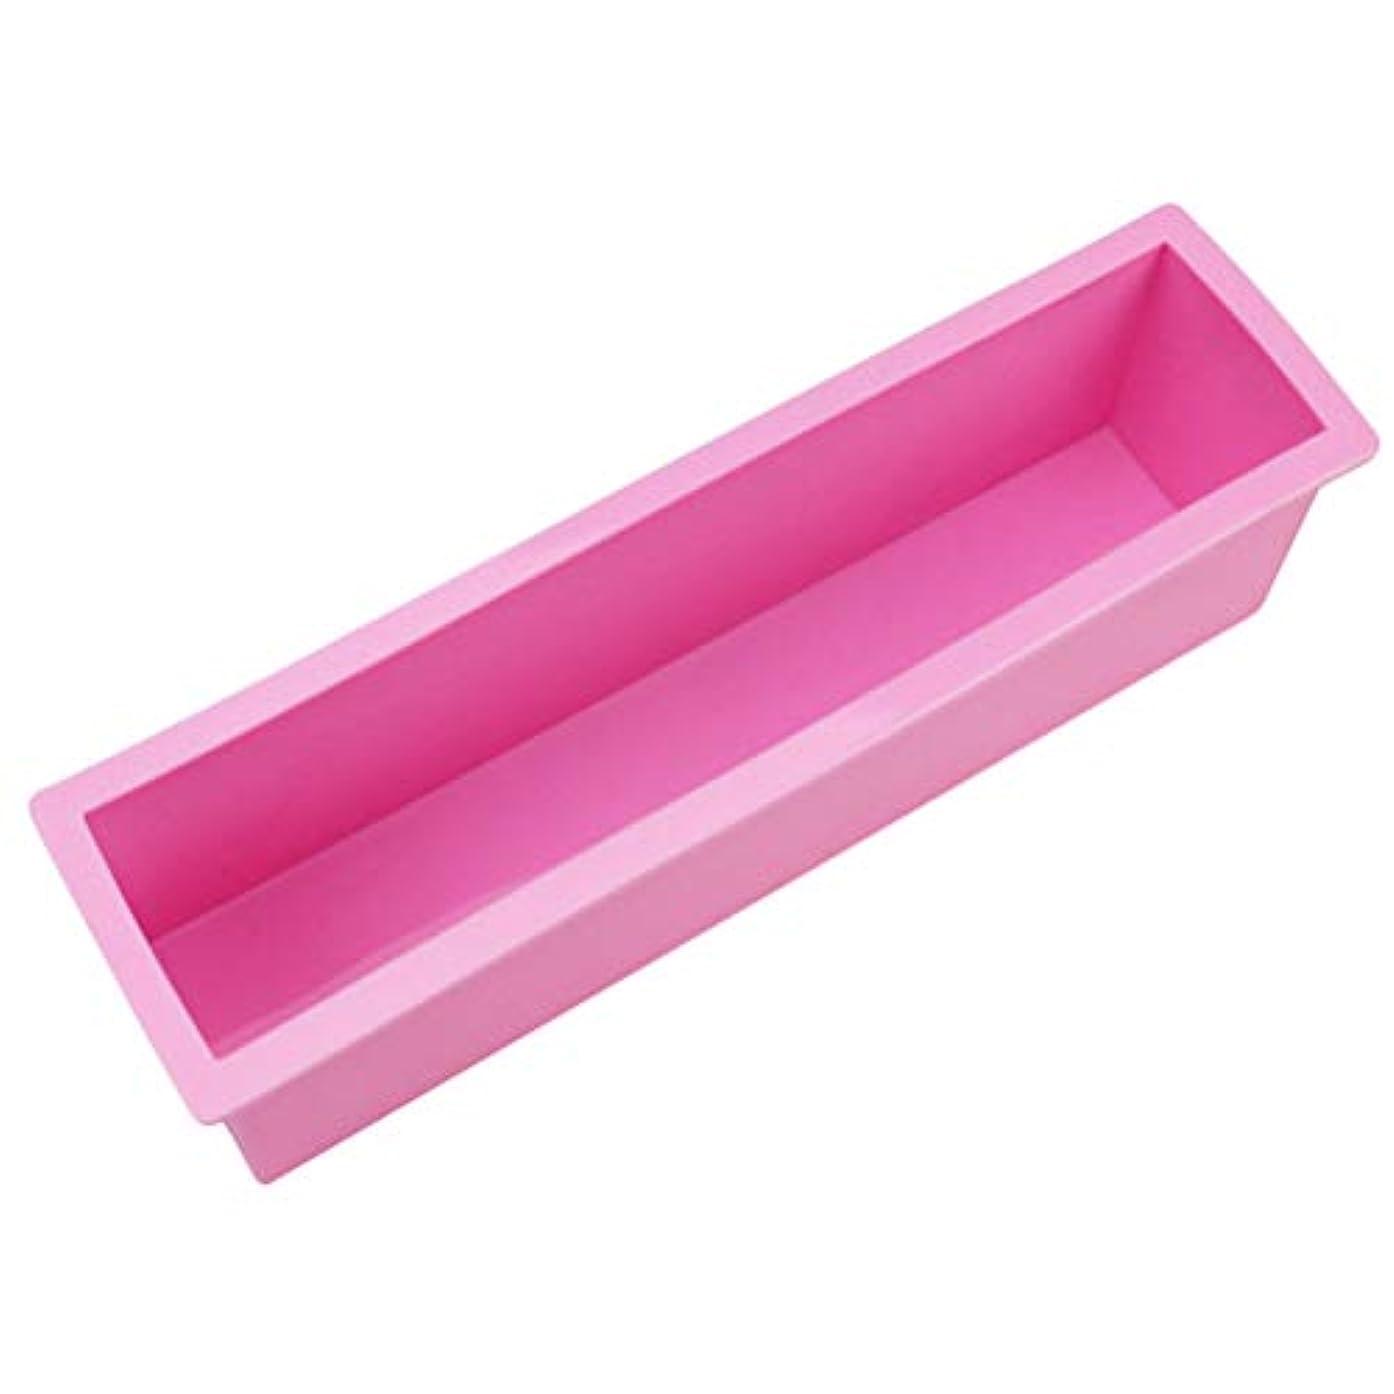 欲しいです手がかりクラッシュYardwe 石鹸ケーキミートローフ用品のための柔軟な長方形のシリコンソープモールドロープ(ランダムカラー)サイズL